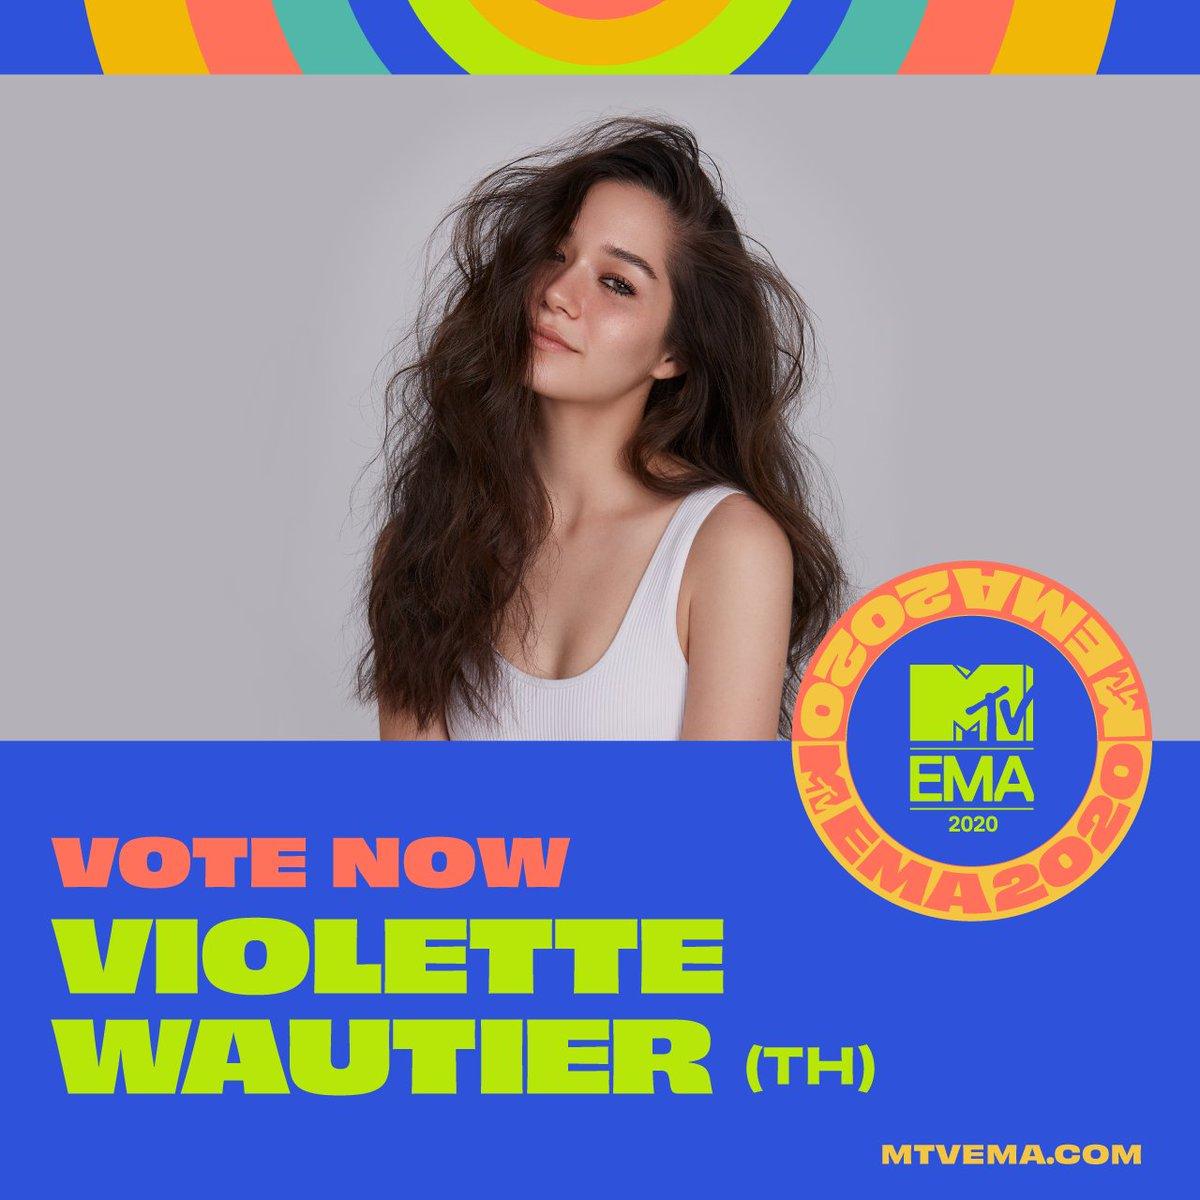 ✅ วิโอเลต วอเทียร์ @violettewautier ได้รับเลือกเป็นตัวแทนจากประเทศไทย เข้าร่วมชิงสาขานักร้องหญิงยอดเยี่ยม #BestSoutheastAsiaAct กับสุดยอด @mtvema  💪 ช่วยกันแสดงพลัง โหวตให้นักร้องสาวของเรากัน! กดโหวดเลย: